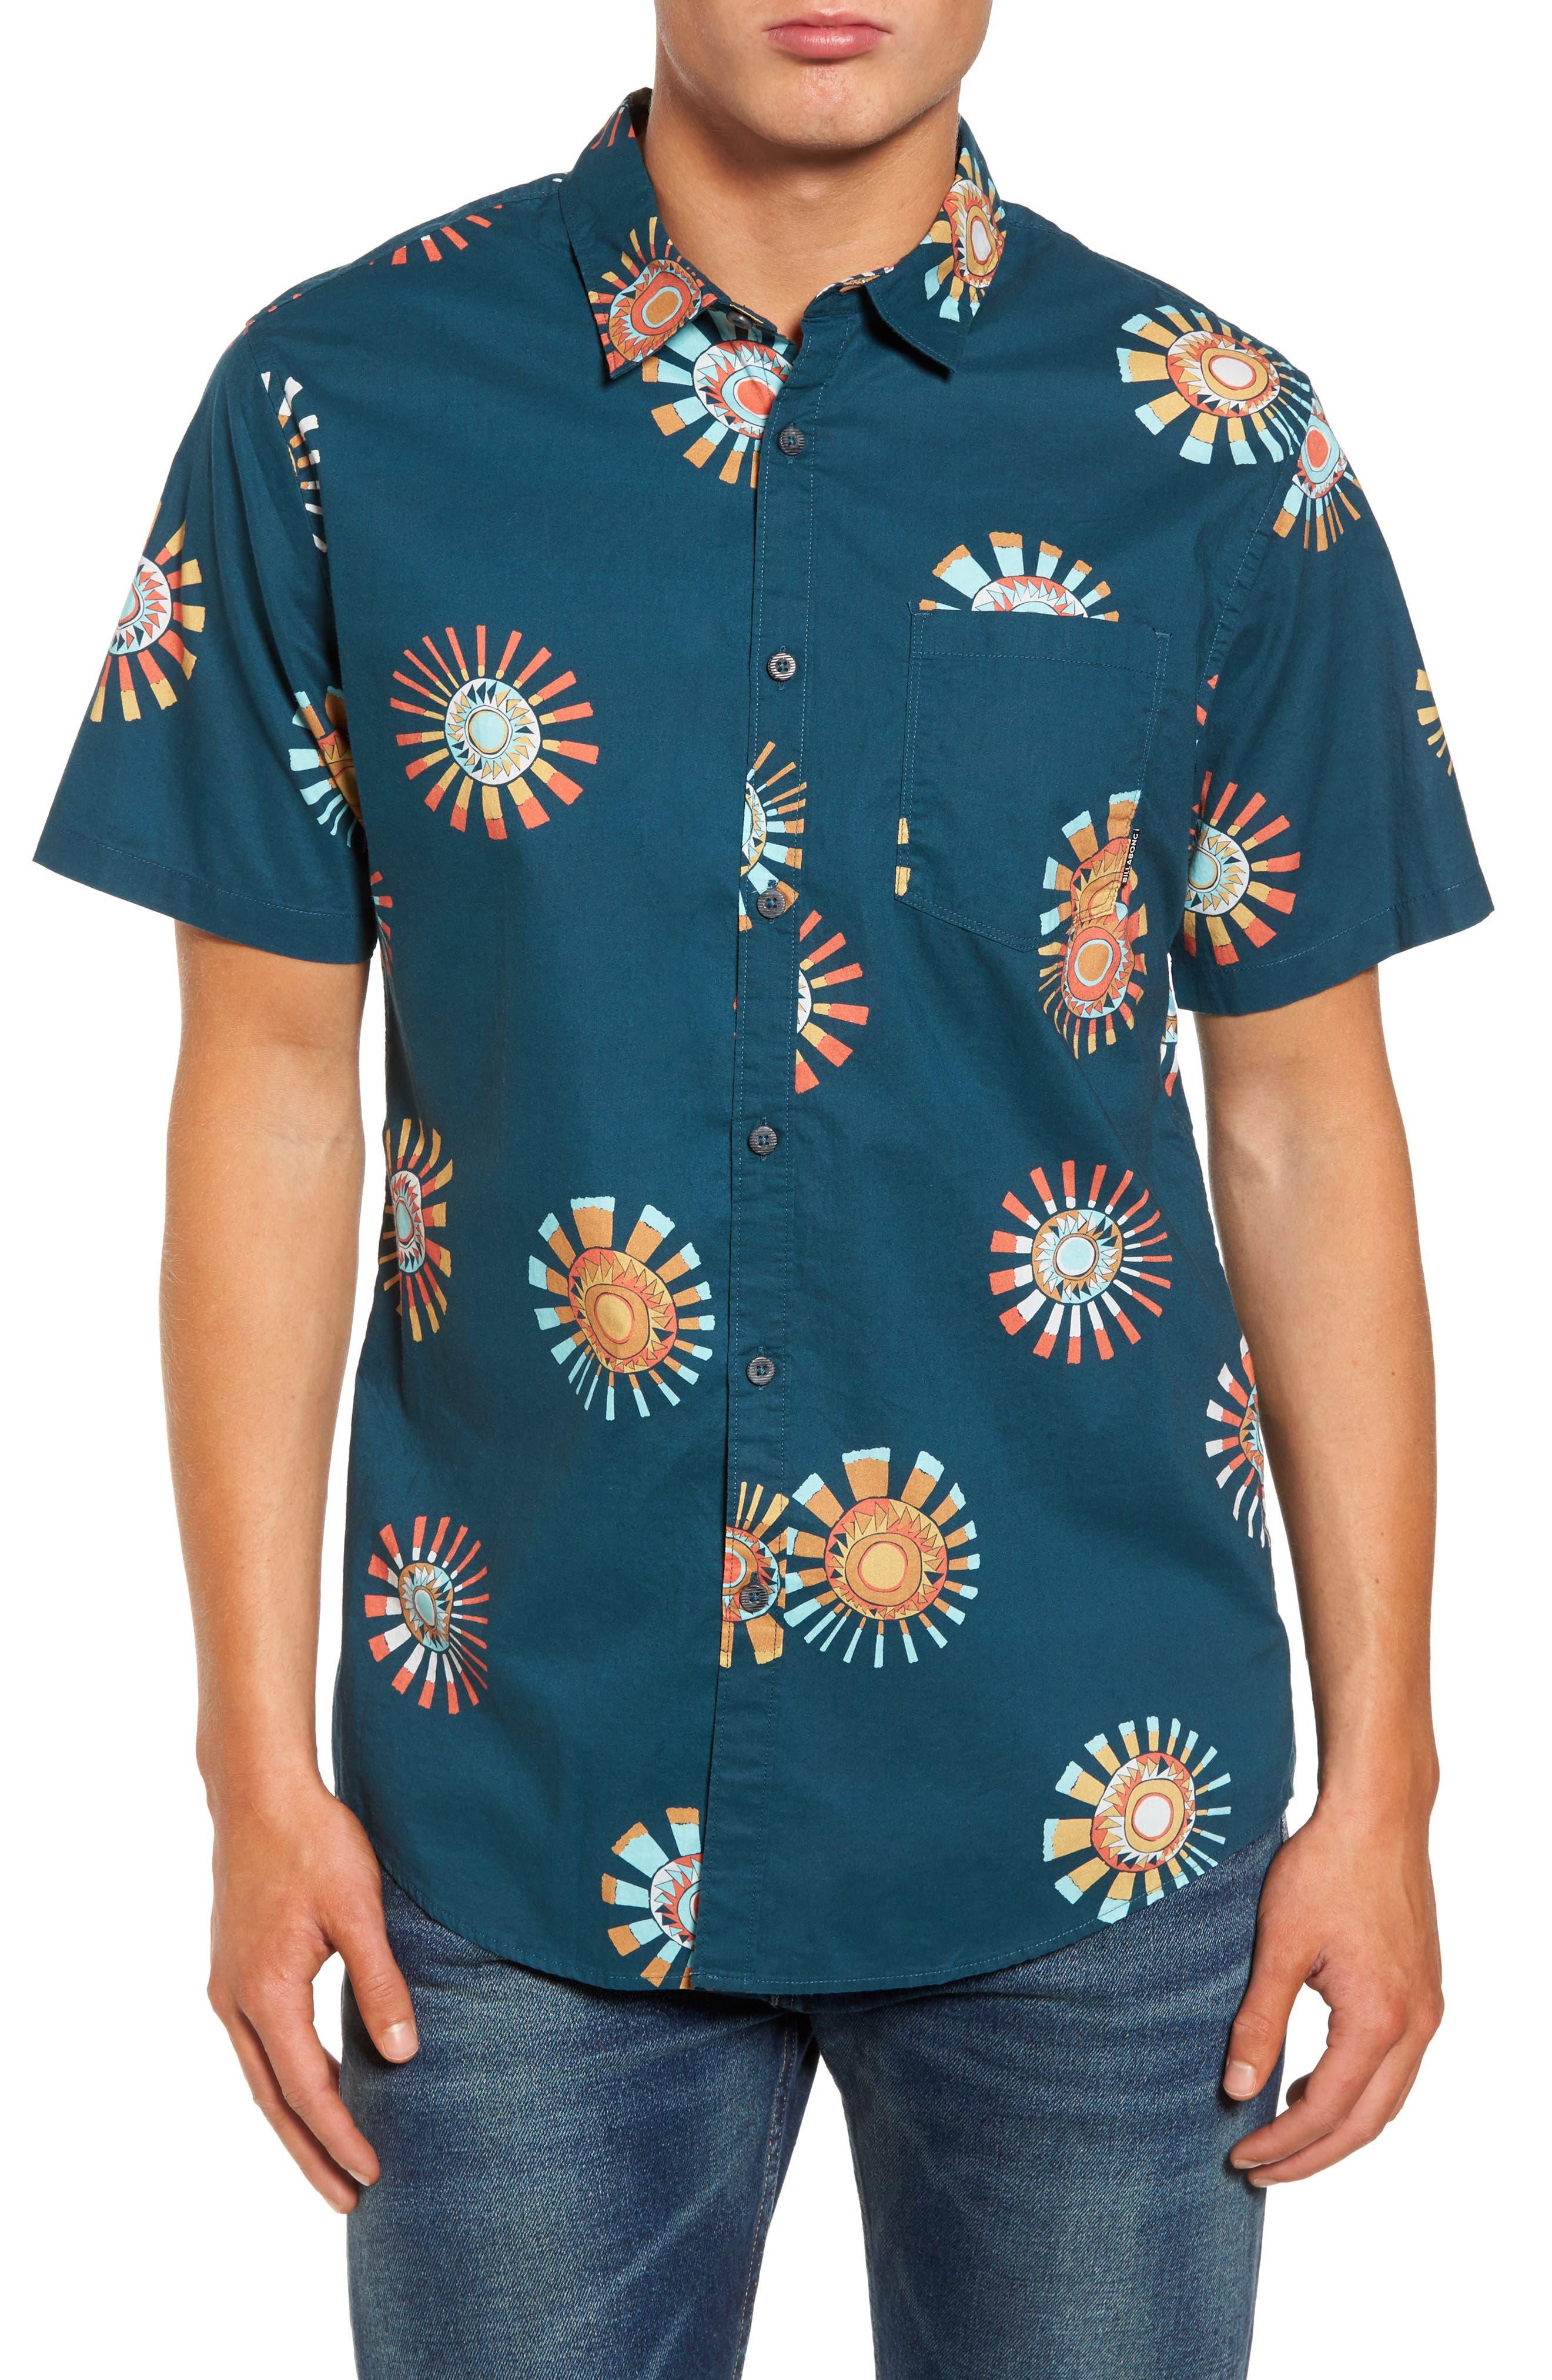 Sunday Floral Woven Shirt,                             Main thumbnail 1, color,                             Navy